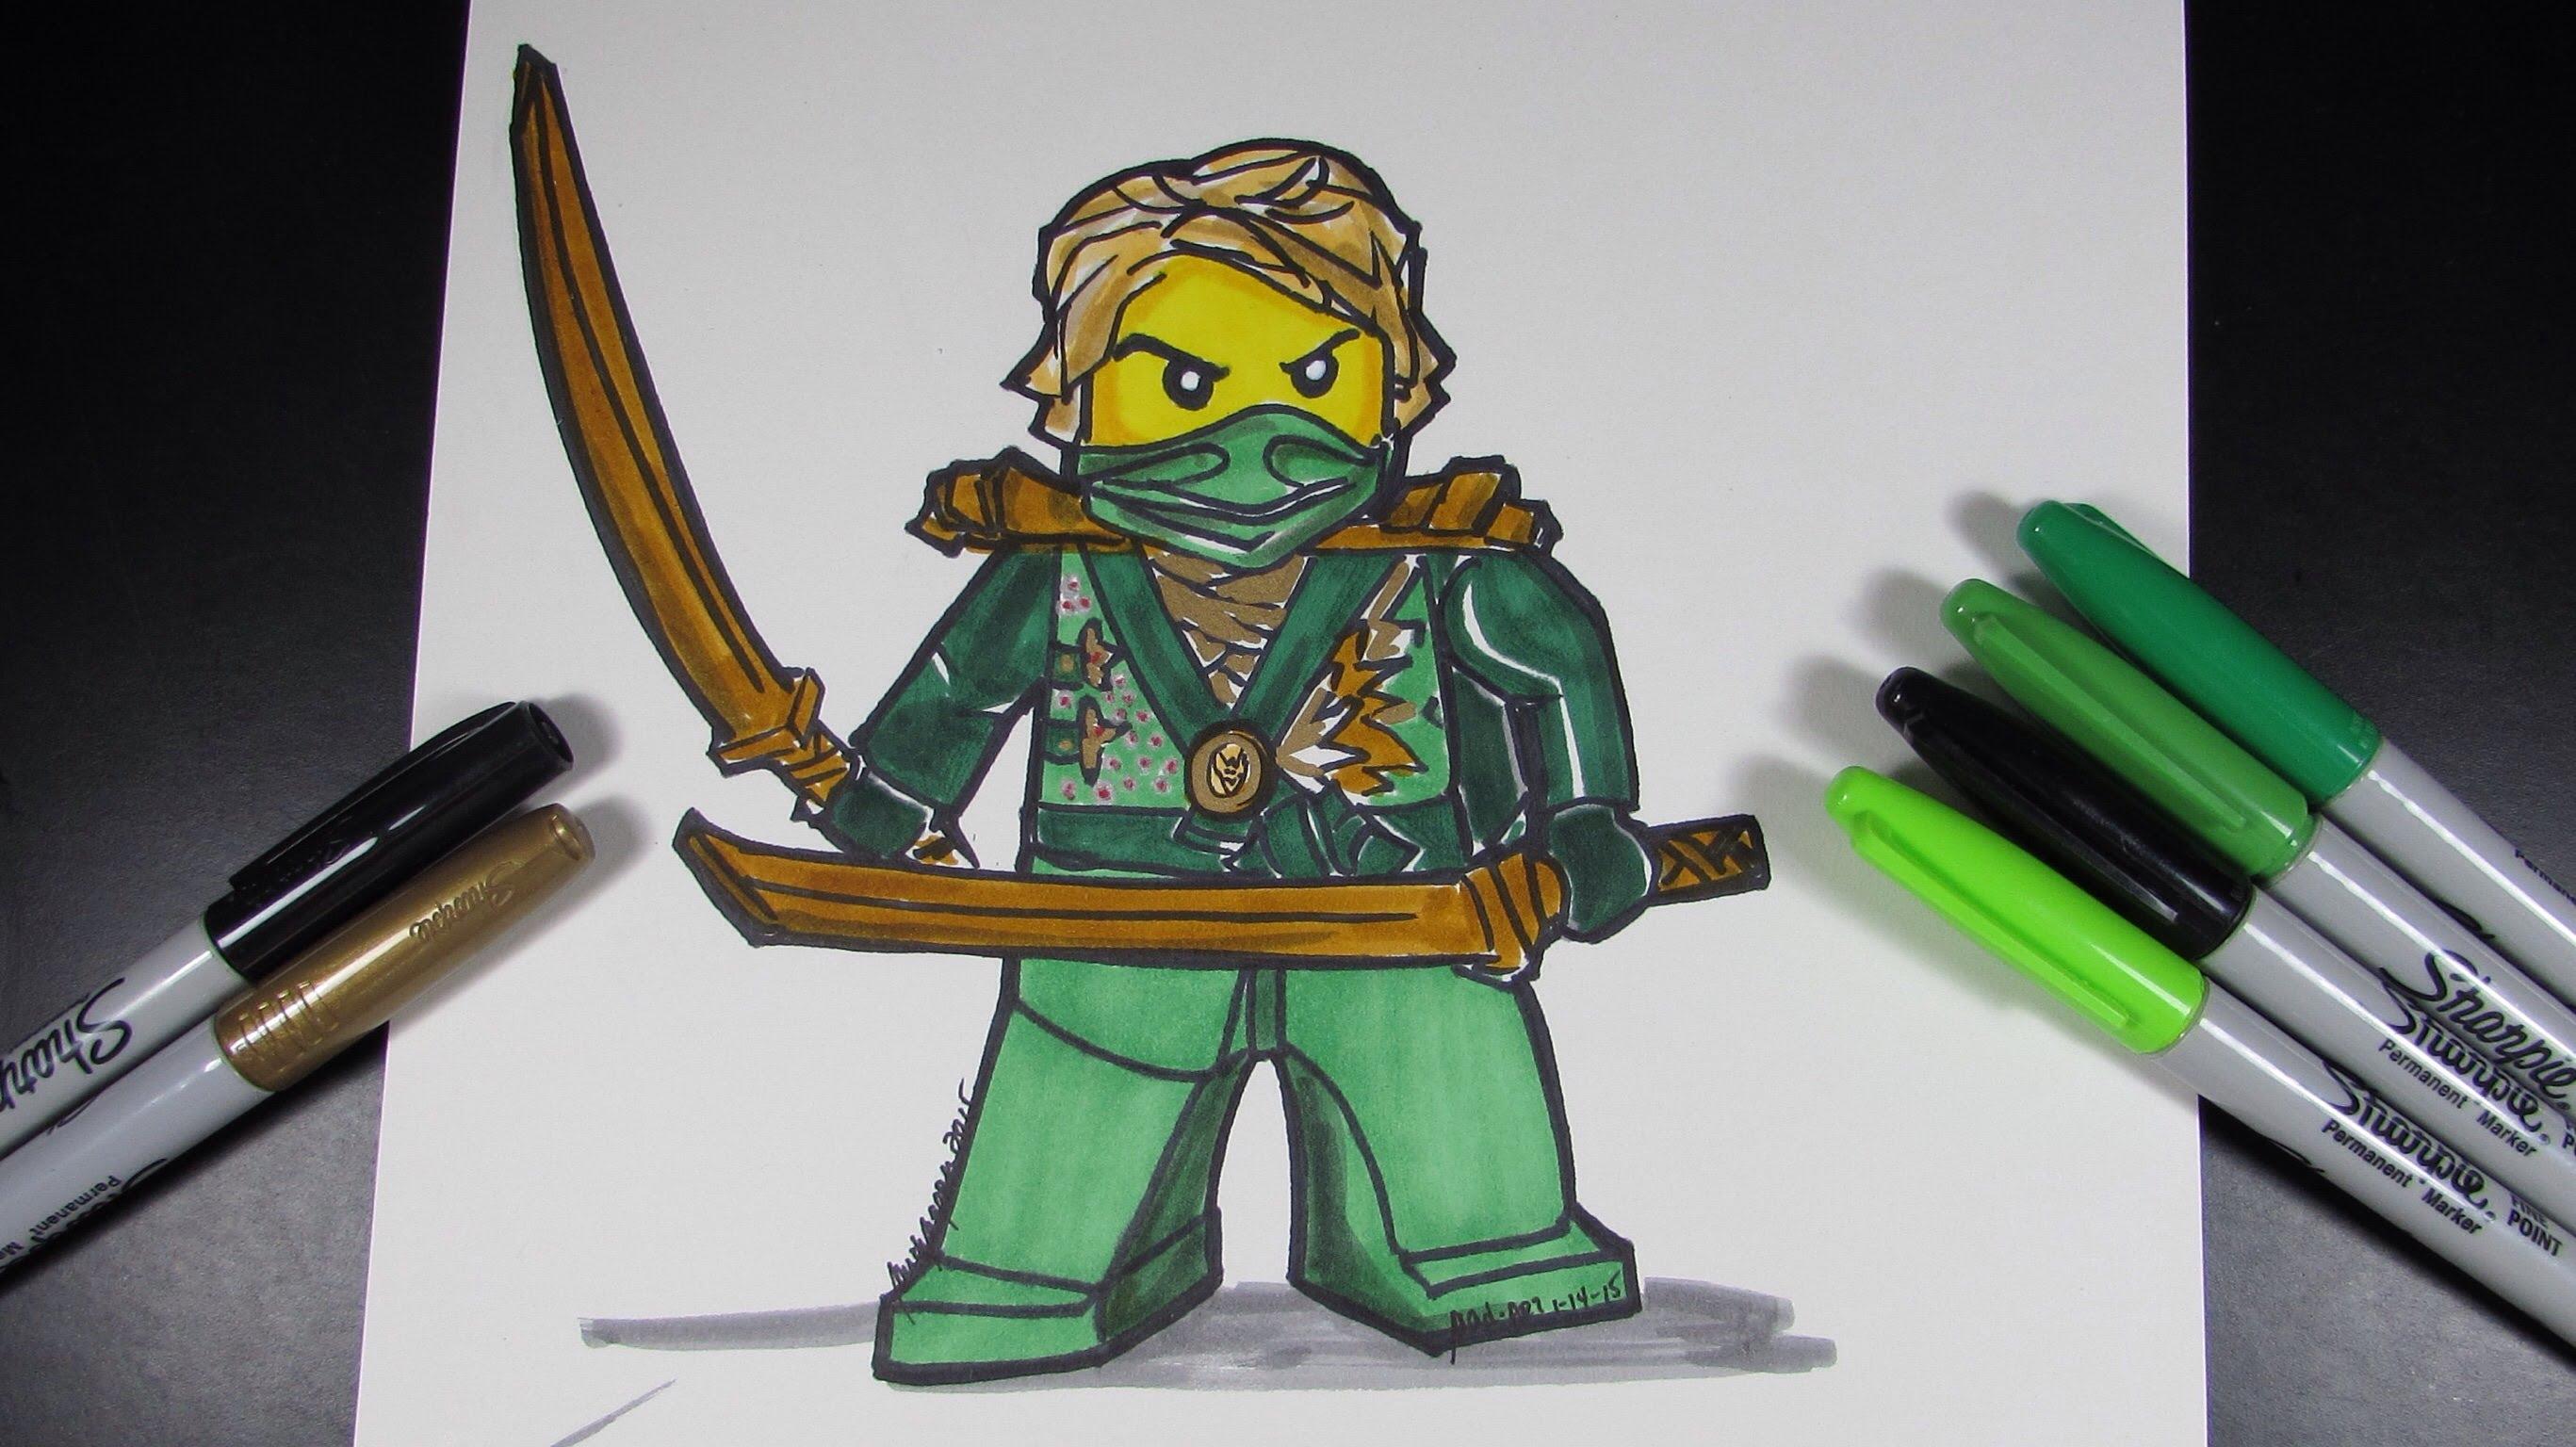 Drawn amd ninjago The Lloyd Ninja Ninjago Green